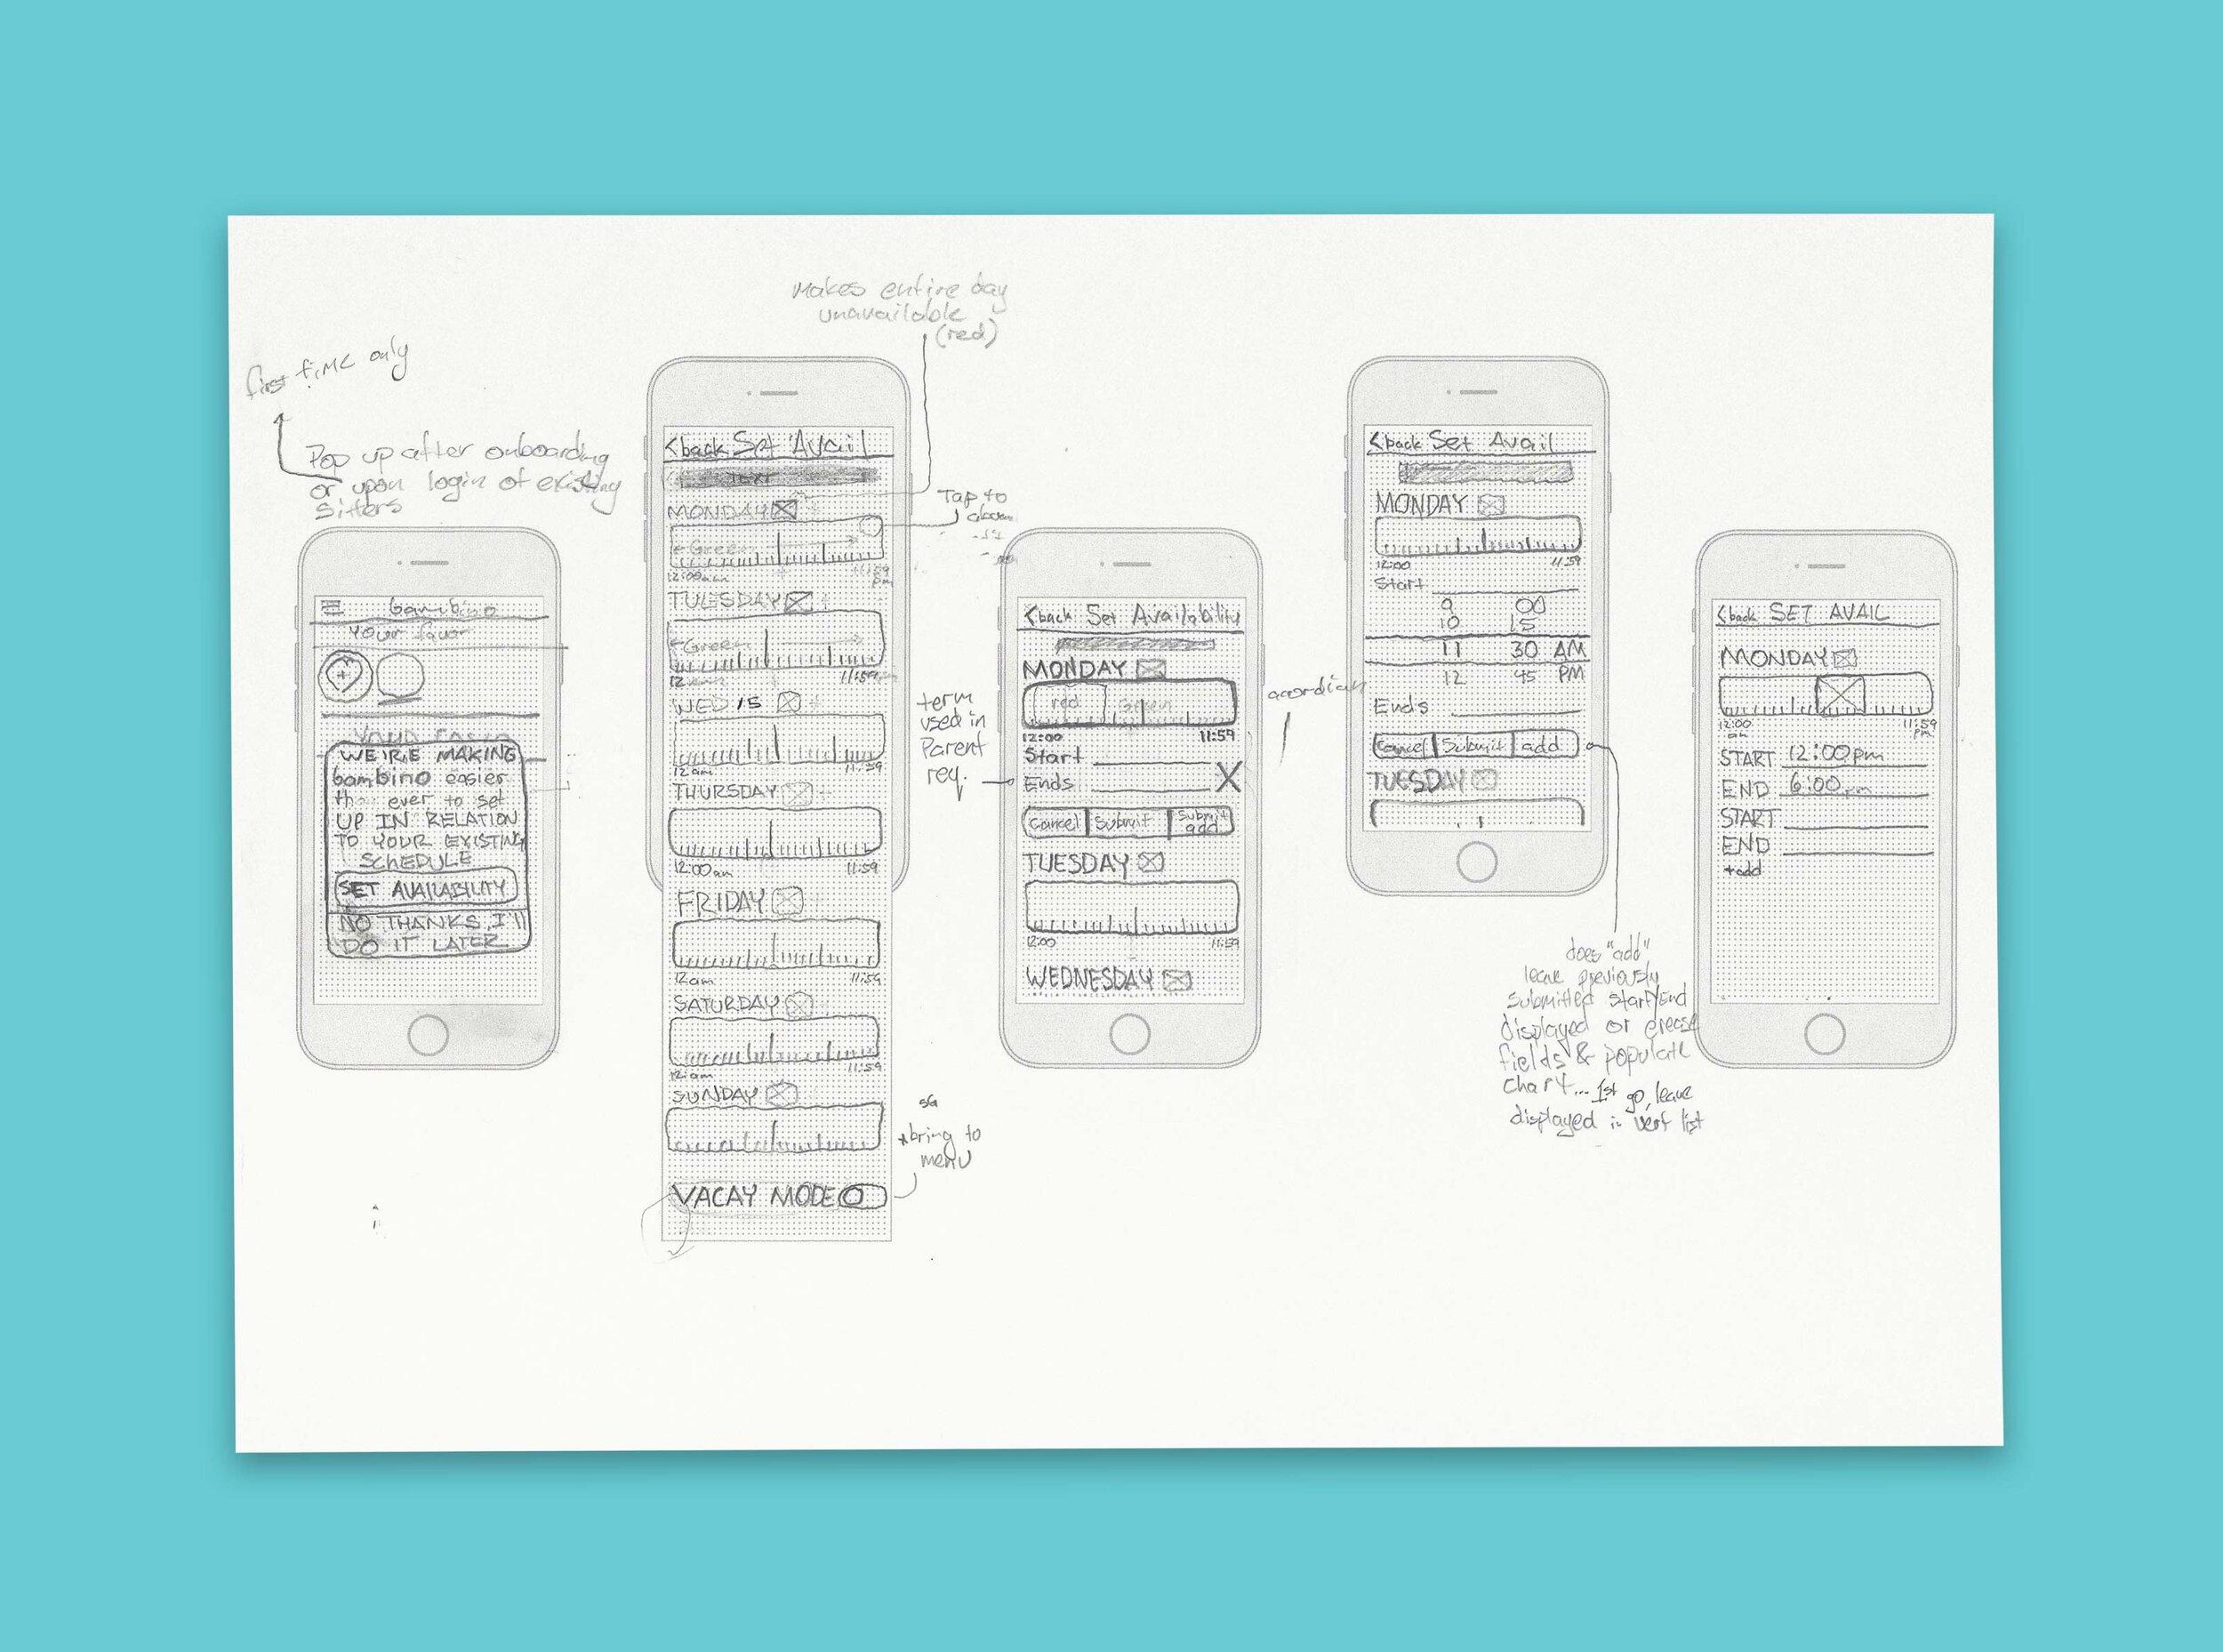 Bambino_Paper-Prototype.jpg